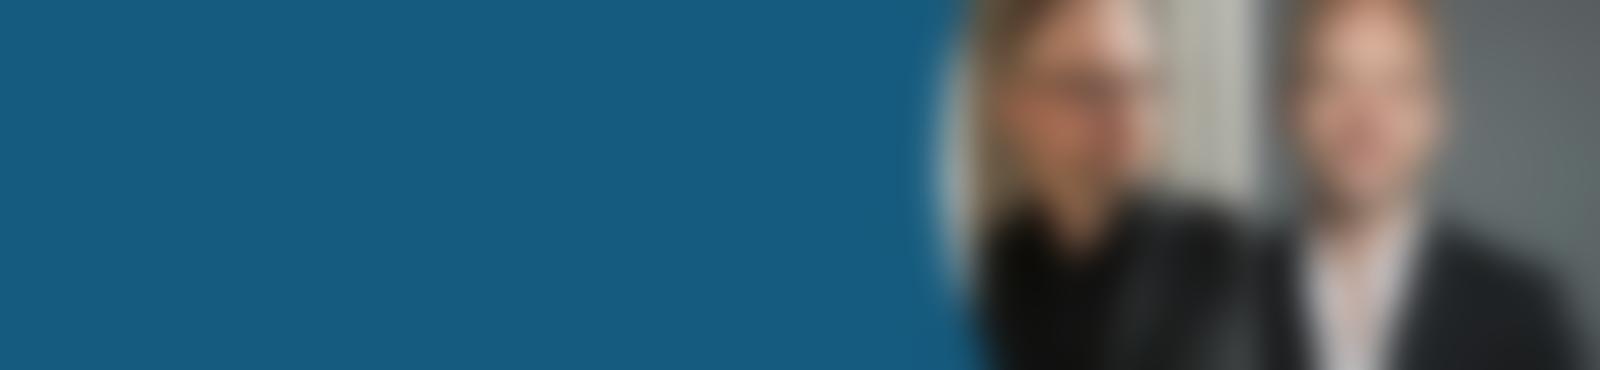 Blurred 86e8e66b fa49 45c8 832a 09b5711169f6